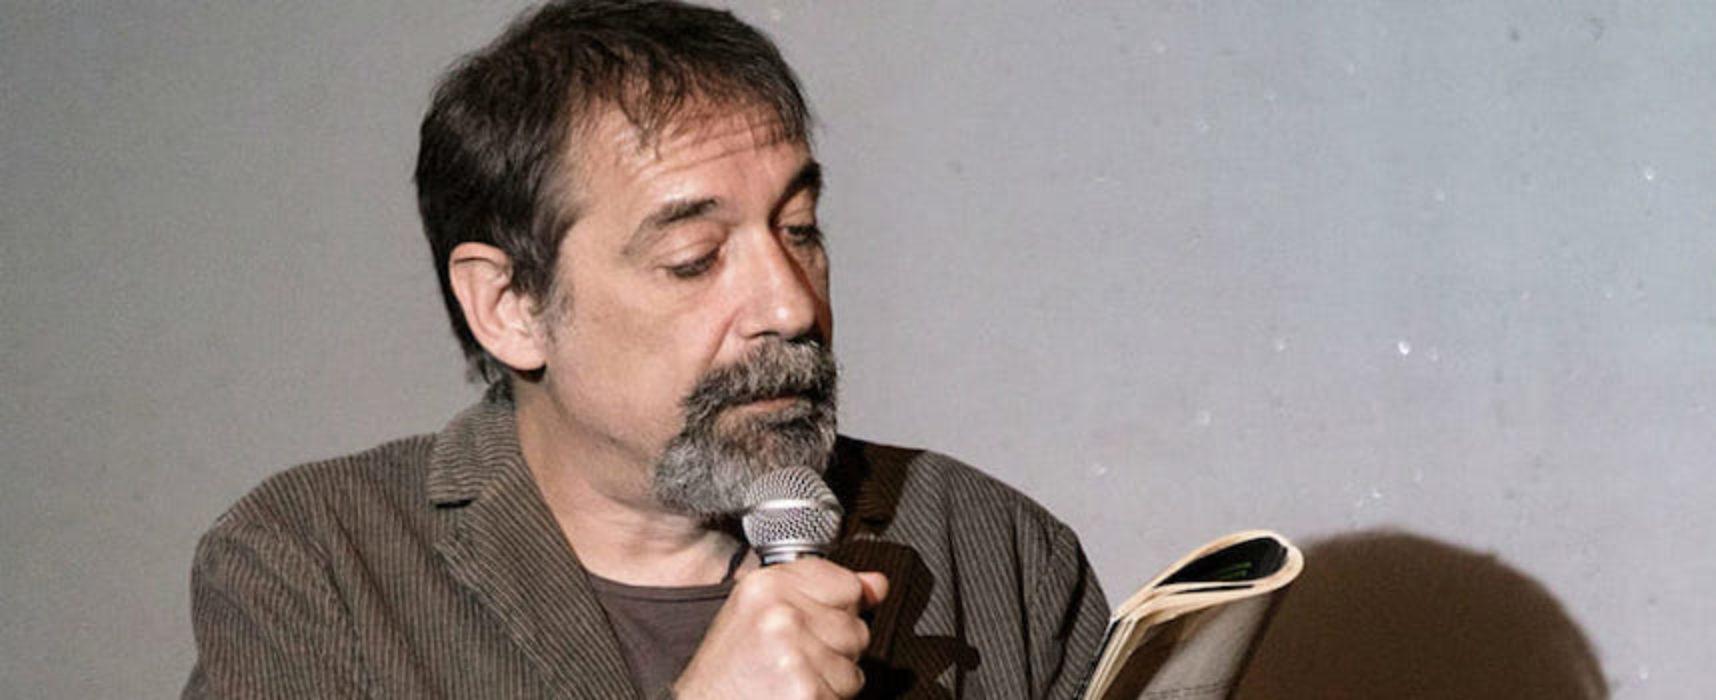 Emanuele Trevi protagonista oggi di Consigli d'Autore: diretta su pagina FACEBOOK di B24